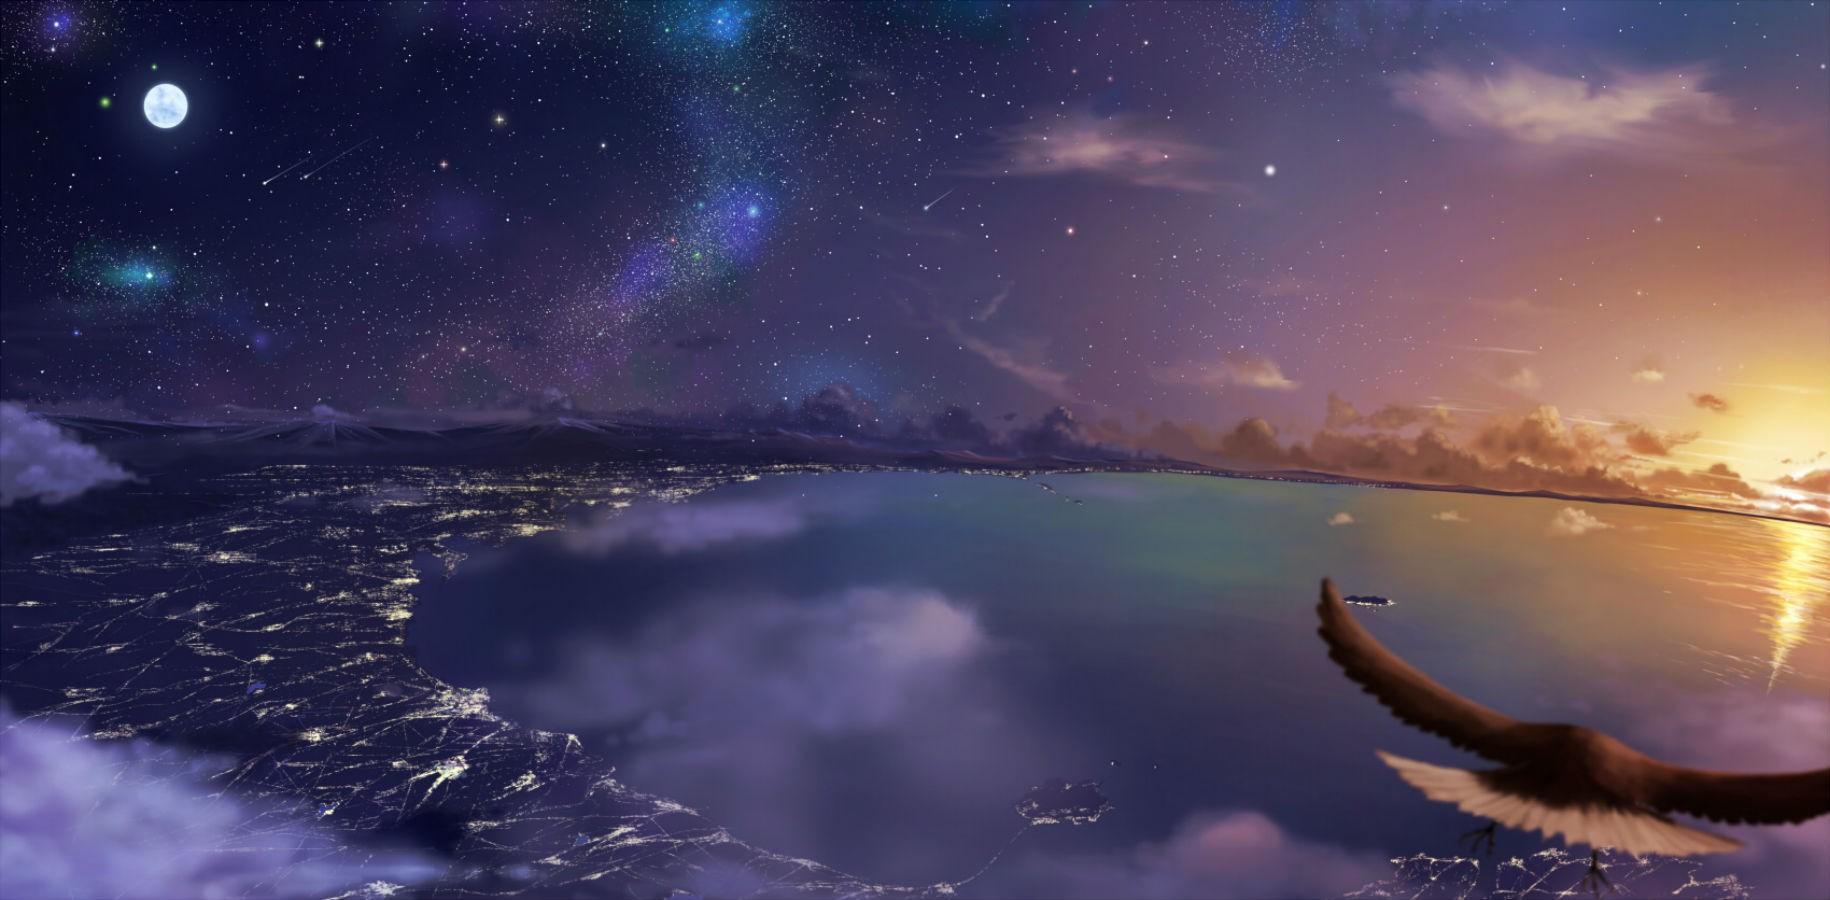 Фото ночной дождливой москвы за рулем раскраски мультфильма